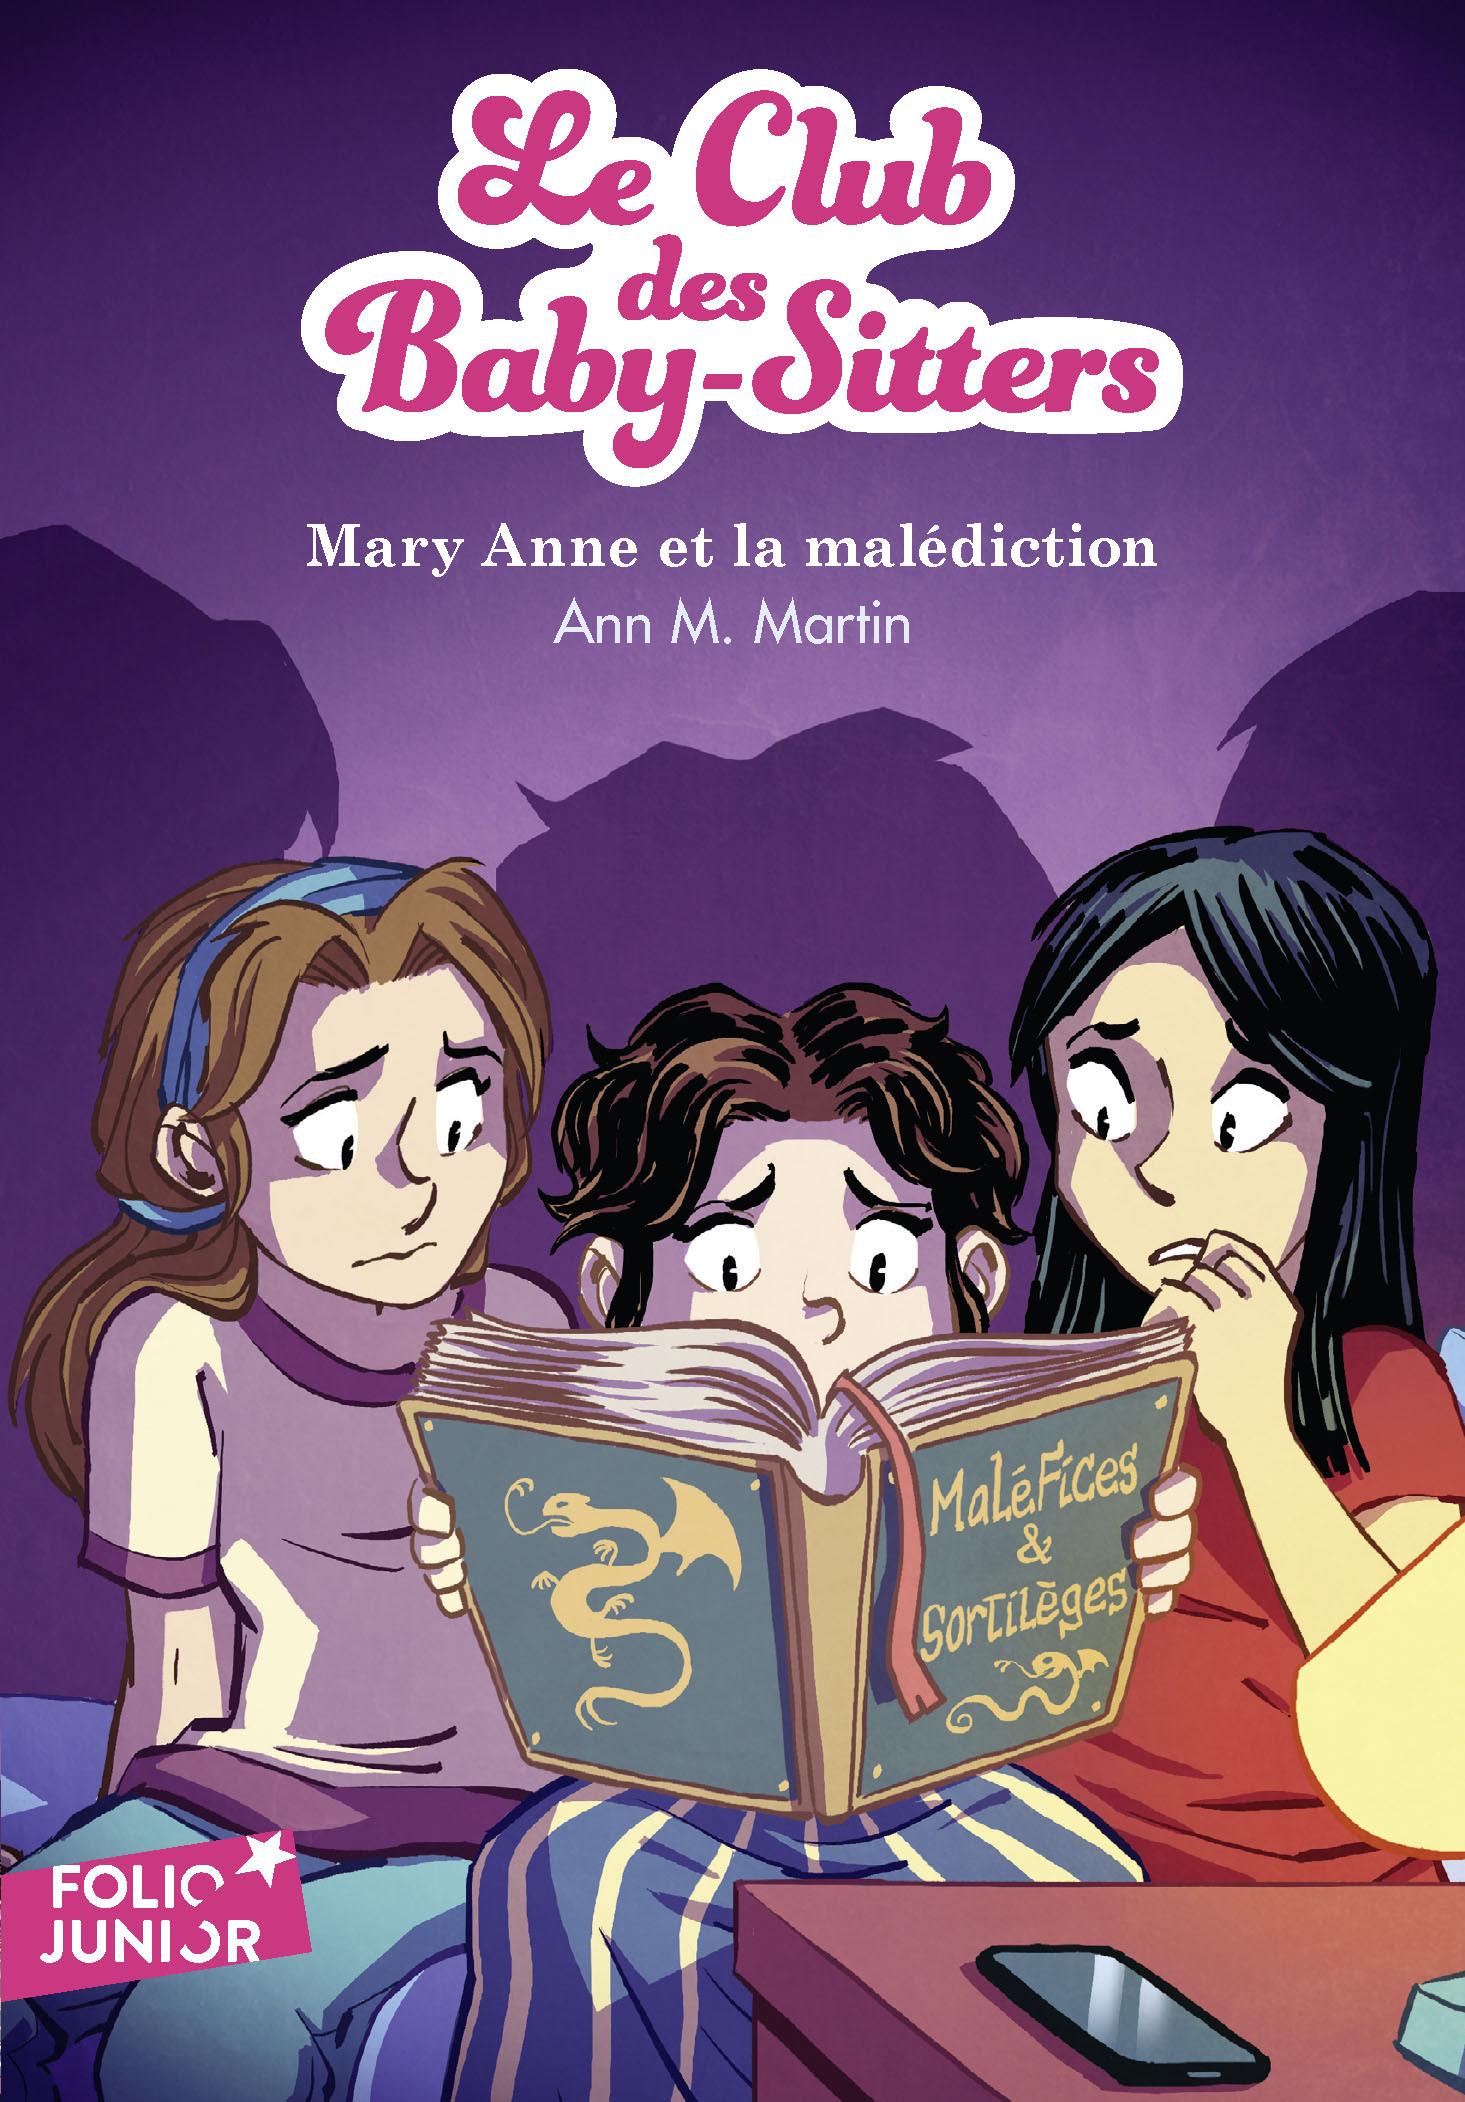 MARY ANNE ET LA MALEDICTION